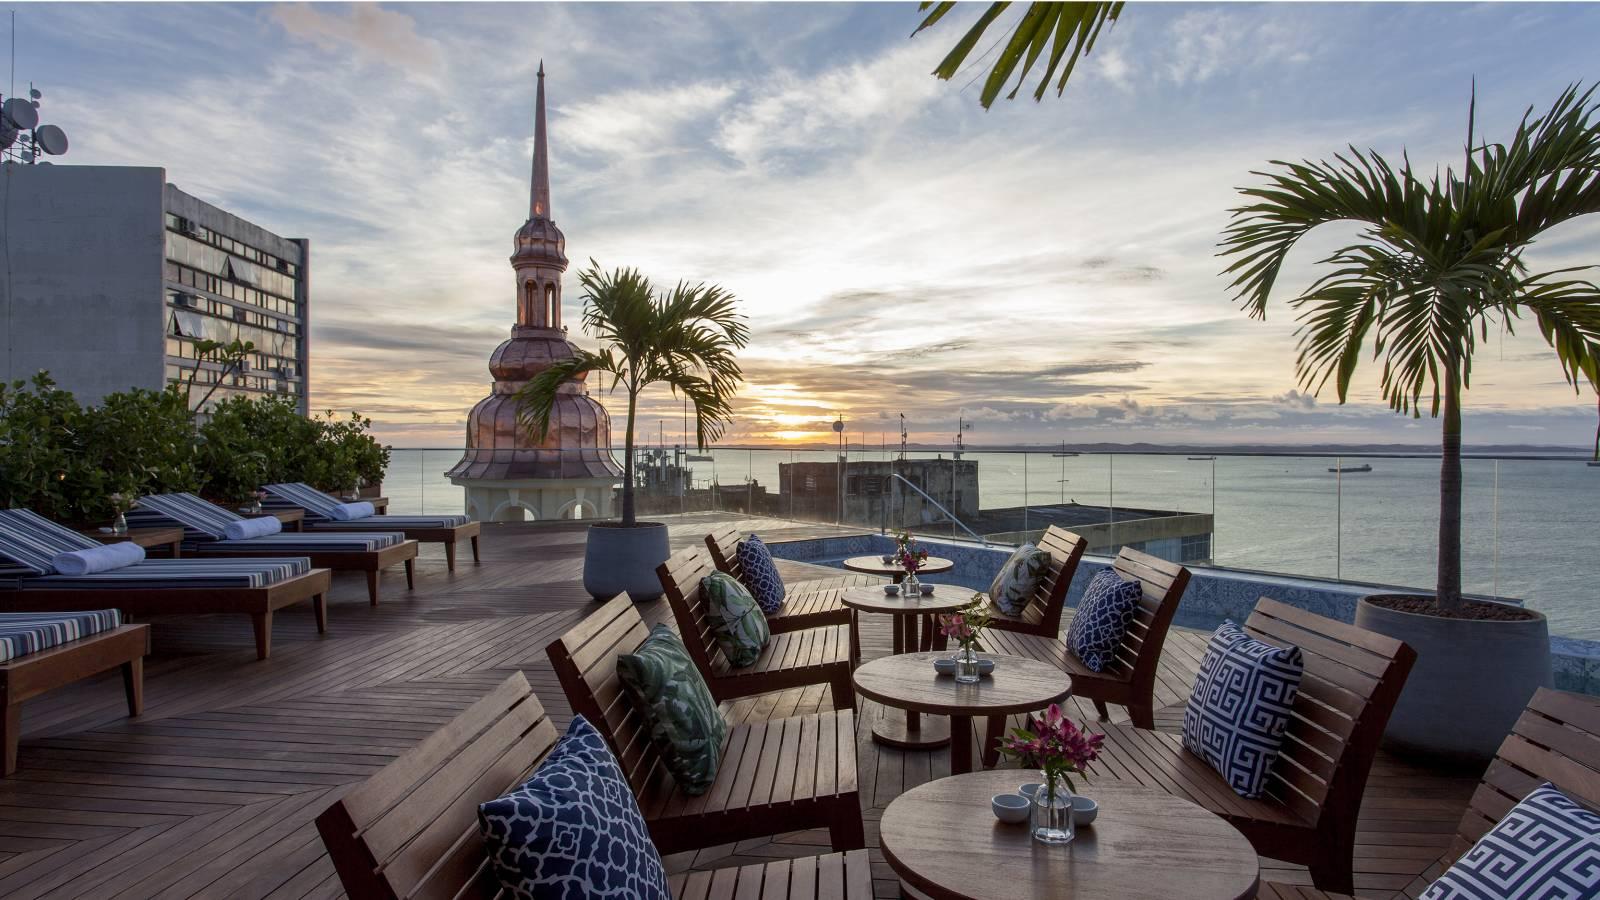 FERA LOUNGE - Fera Palace Hotel - SPOL Architects